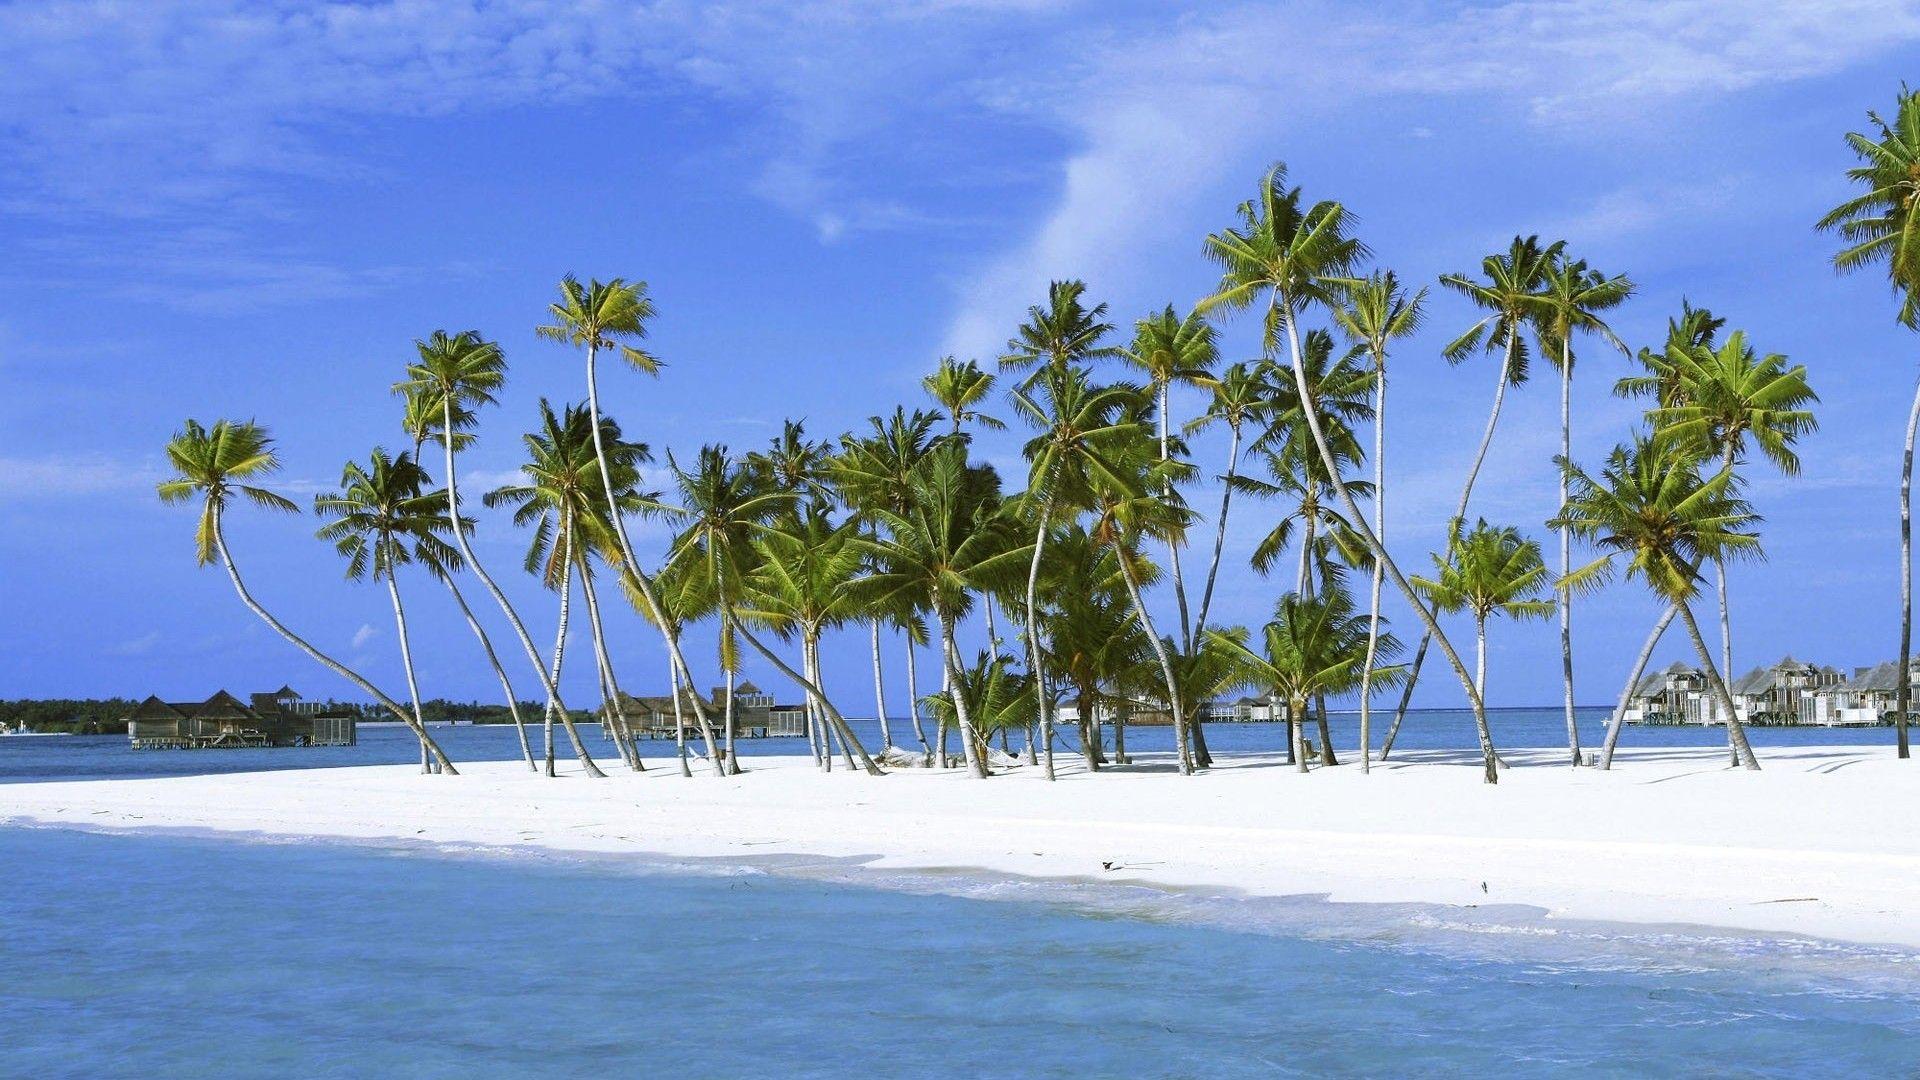 fond d cran hd plage ile paradisiaque plages de r ve pinterest island beach et ocean. Black Bedroom Furniture Sets. Home Design Ideas